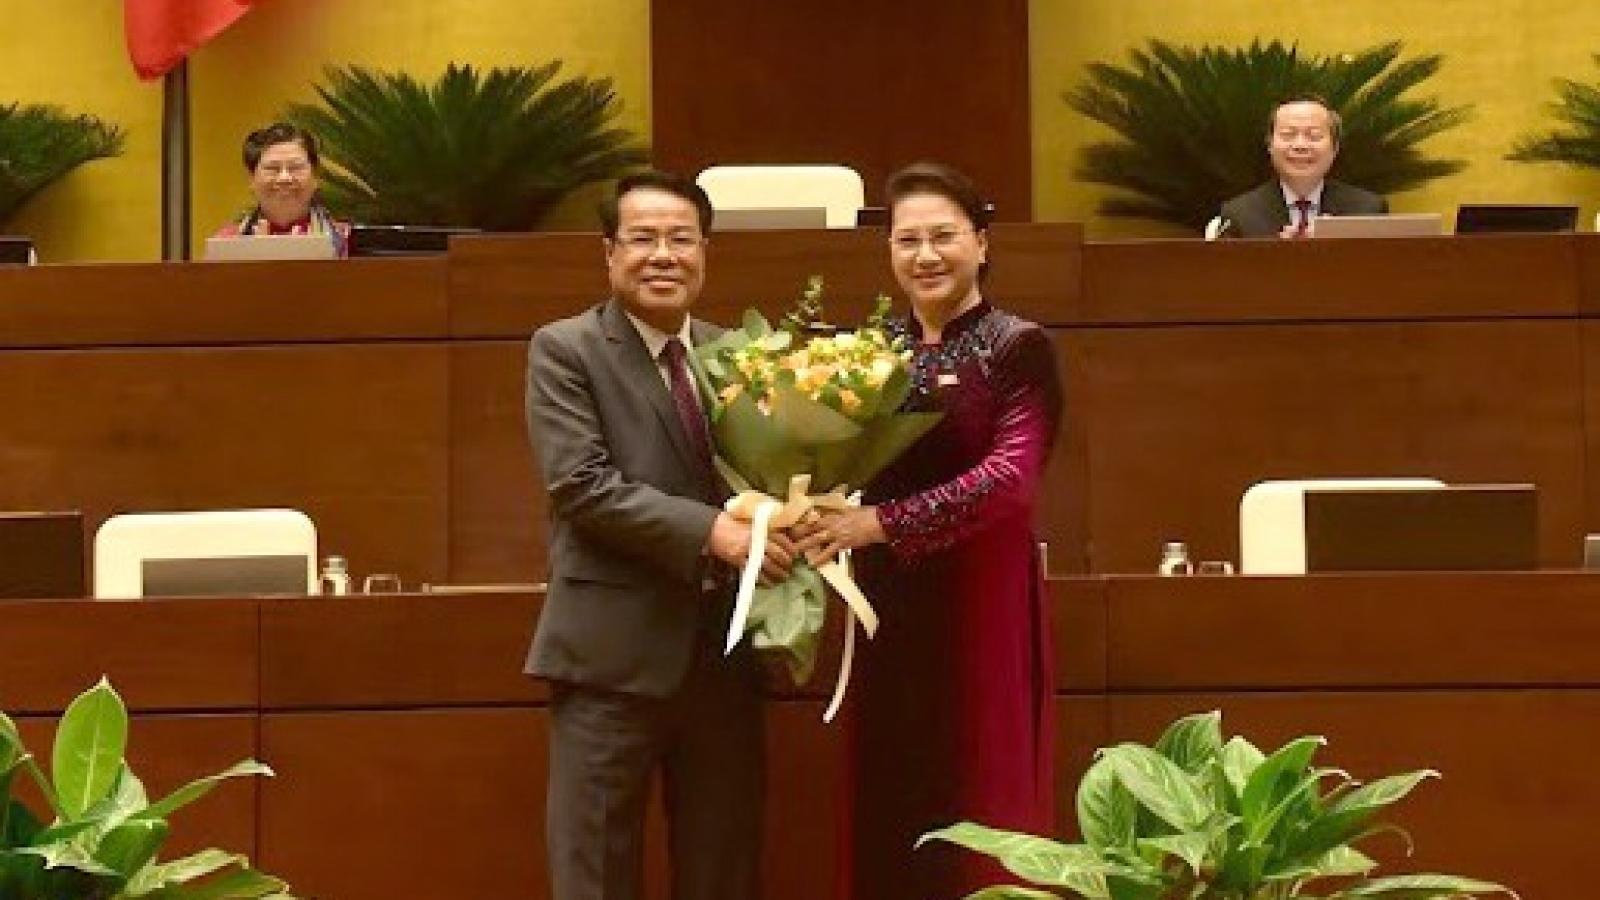 Bí thư Cà Mau được bầu giữ chức Uỷ viên Uỷ ban Thường vụ Quốc hội